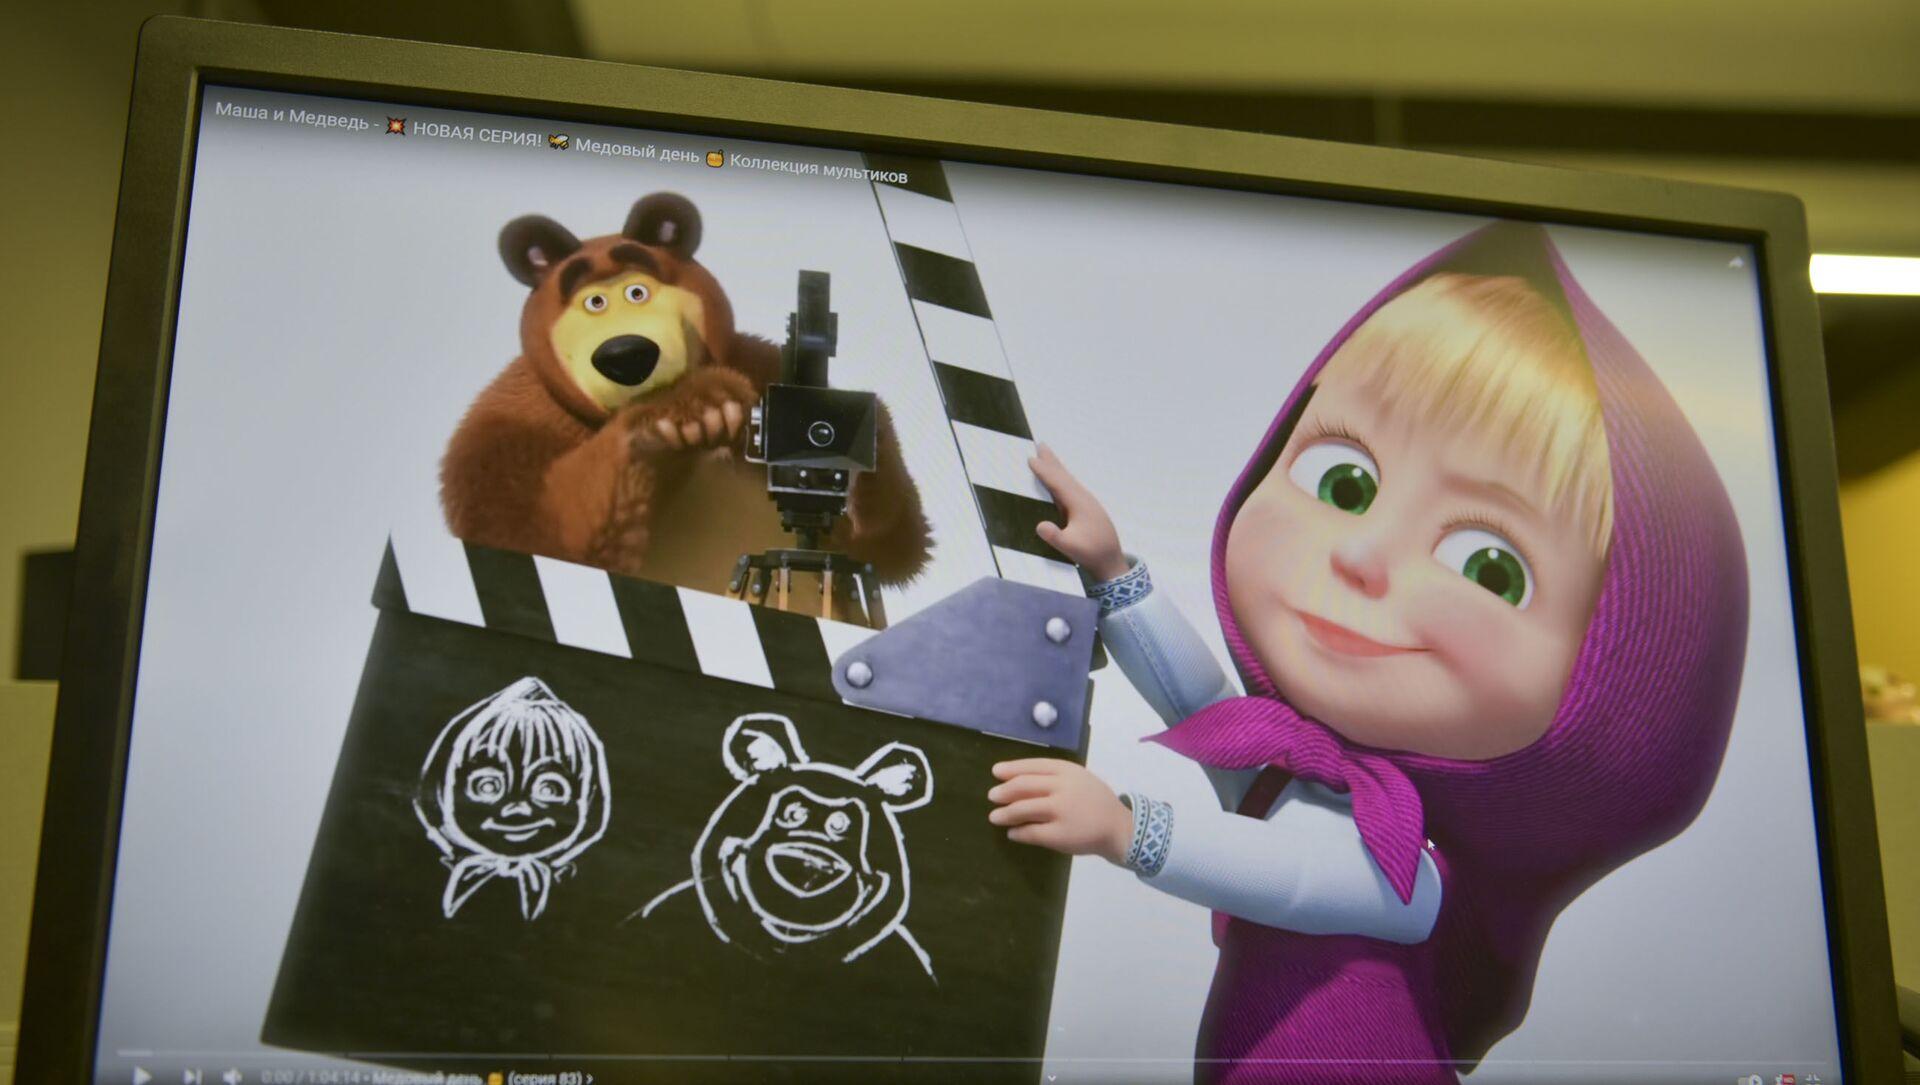 Мультфильм Маша и Медведь  - Sputnik Абхазия, 1920, 06.09.2021